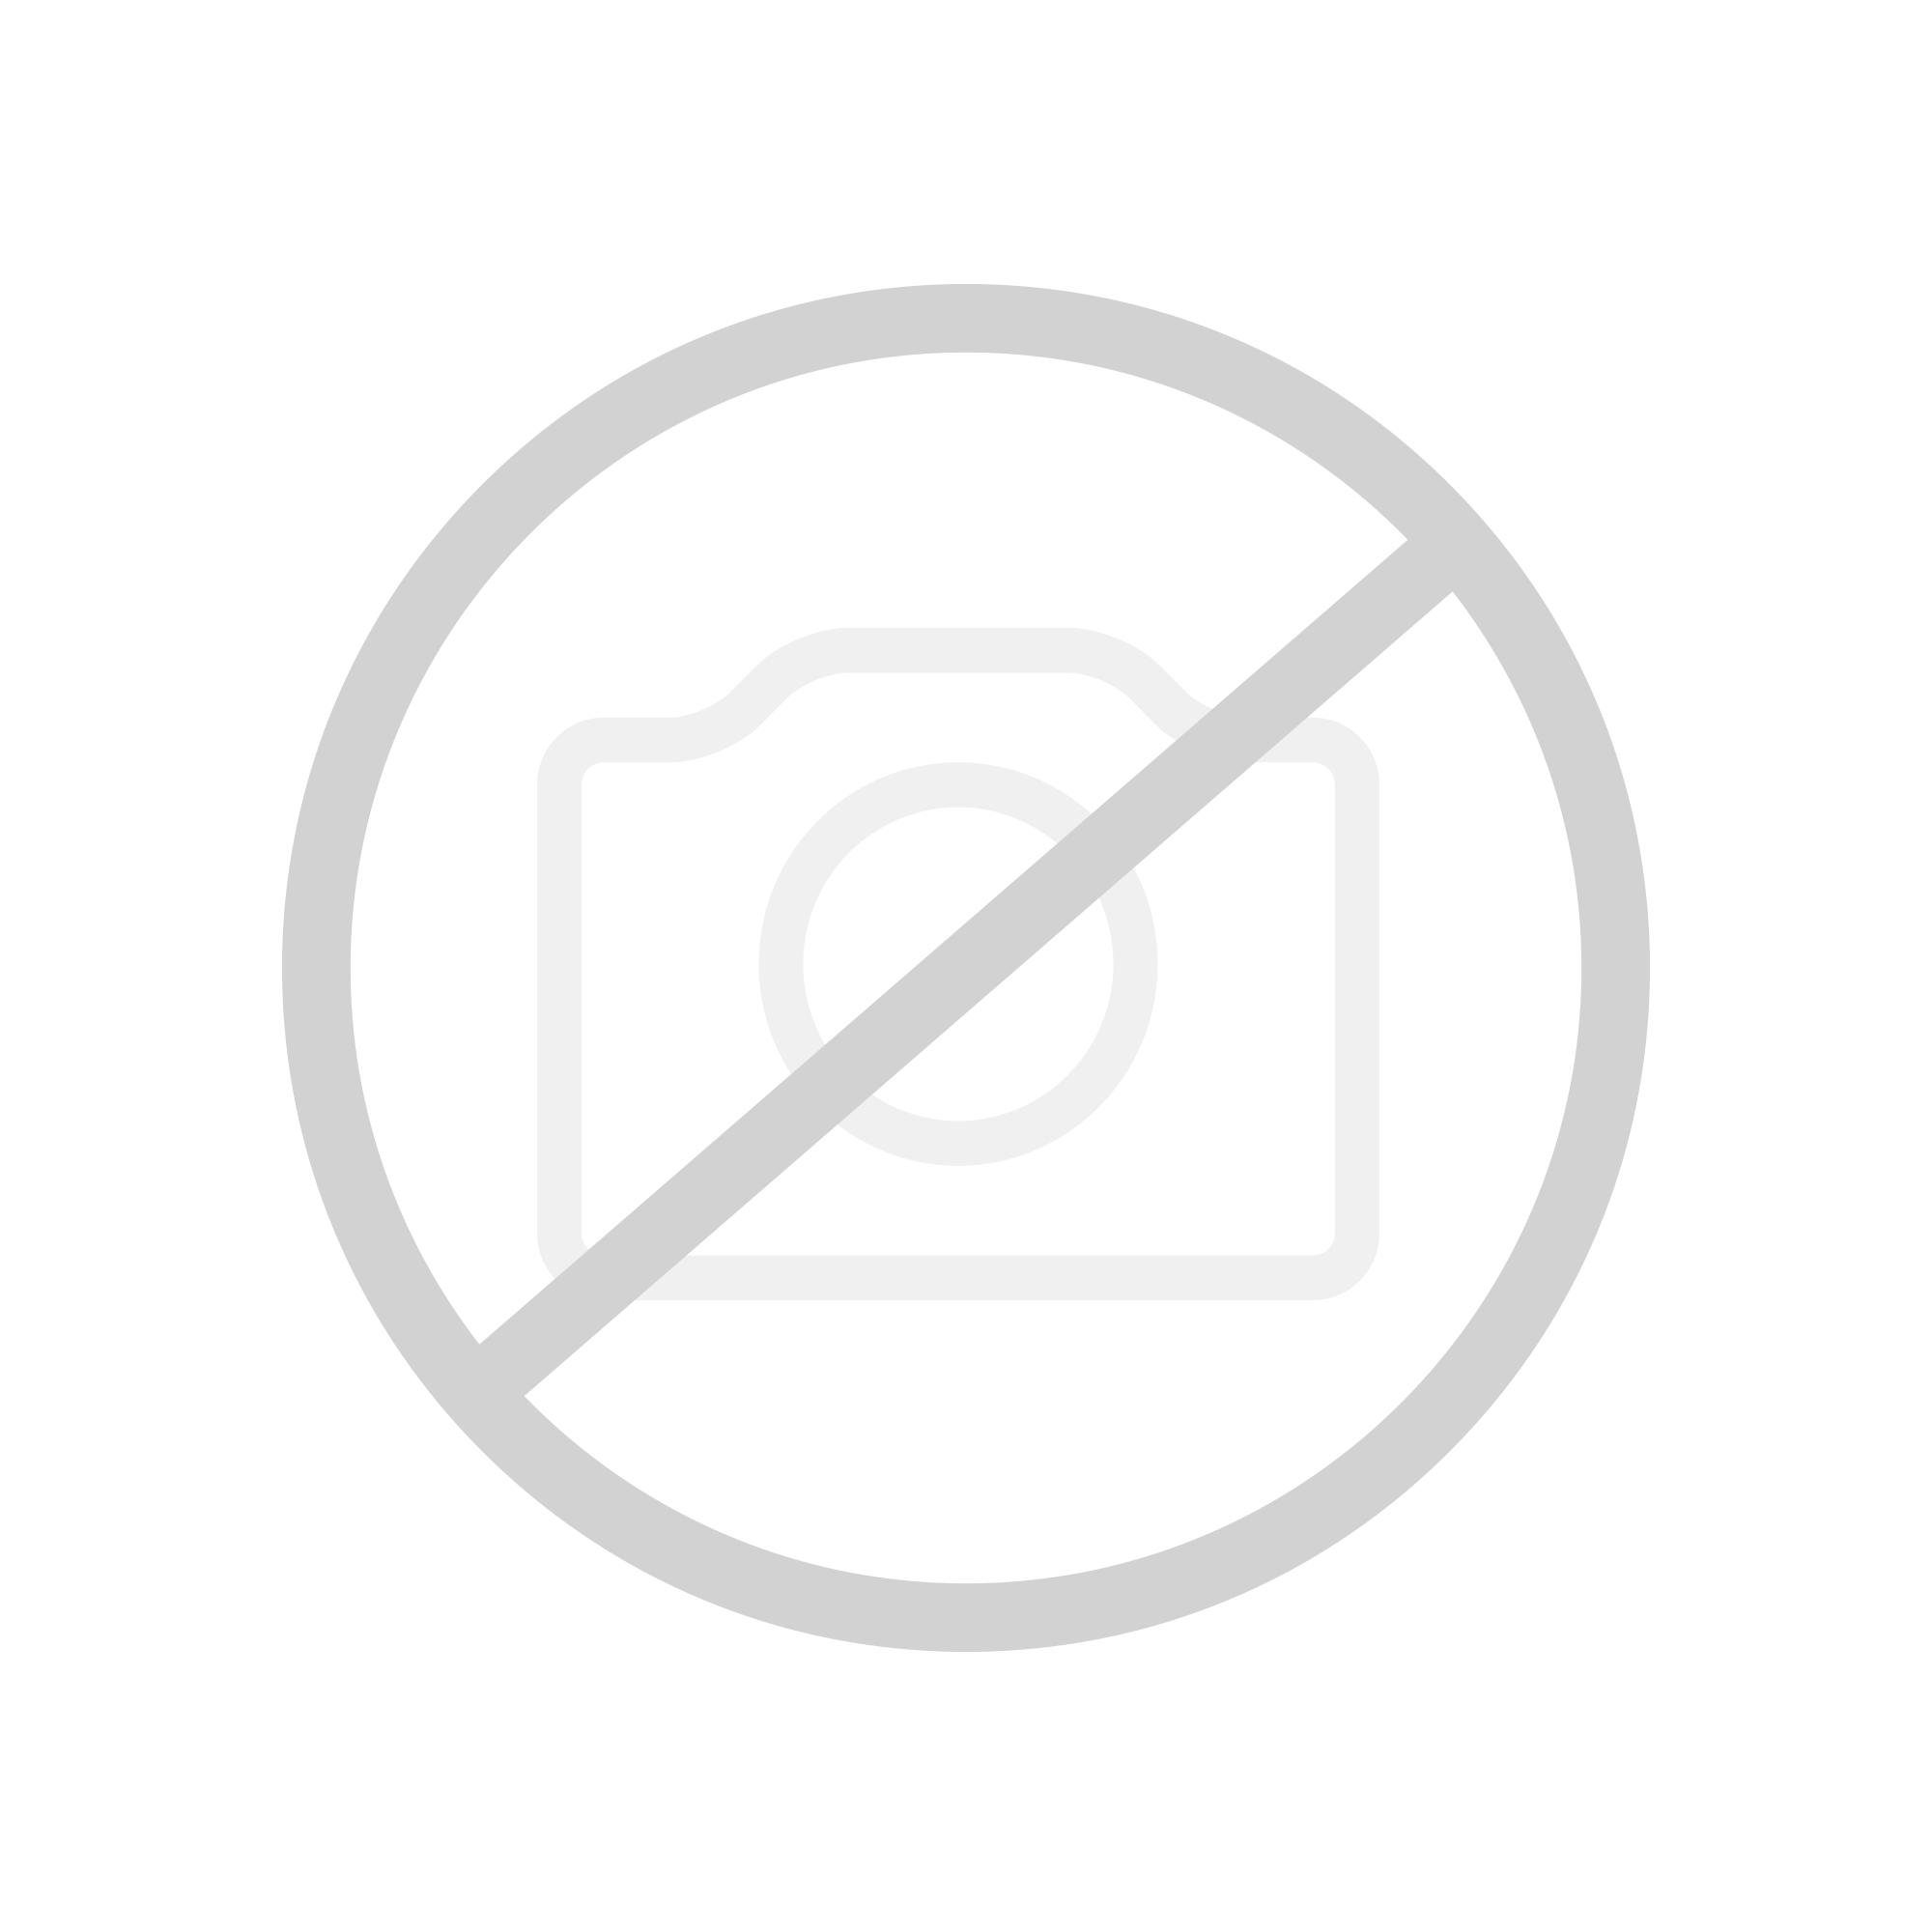 Tellkamp Neon Fix Oval Badewanne